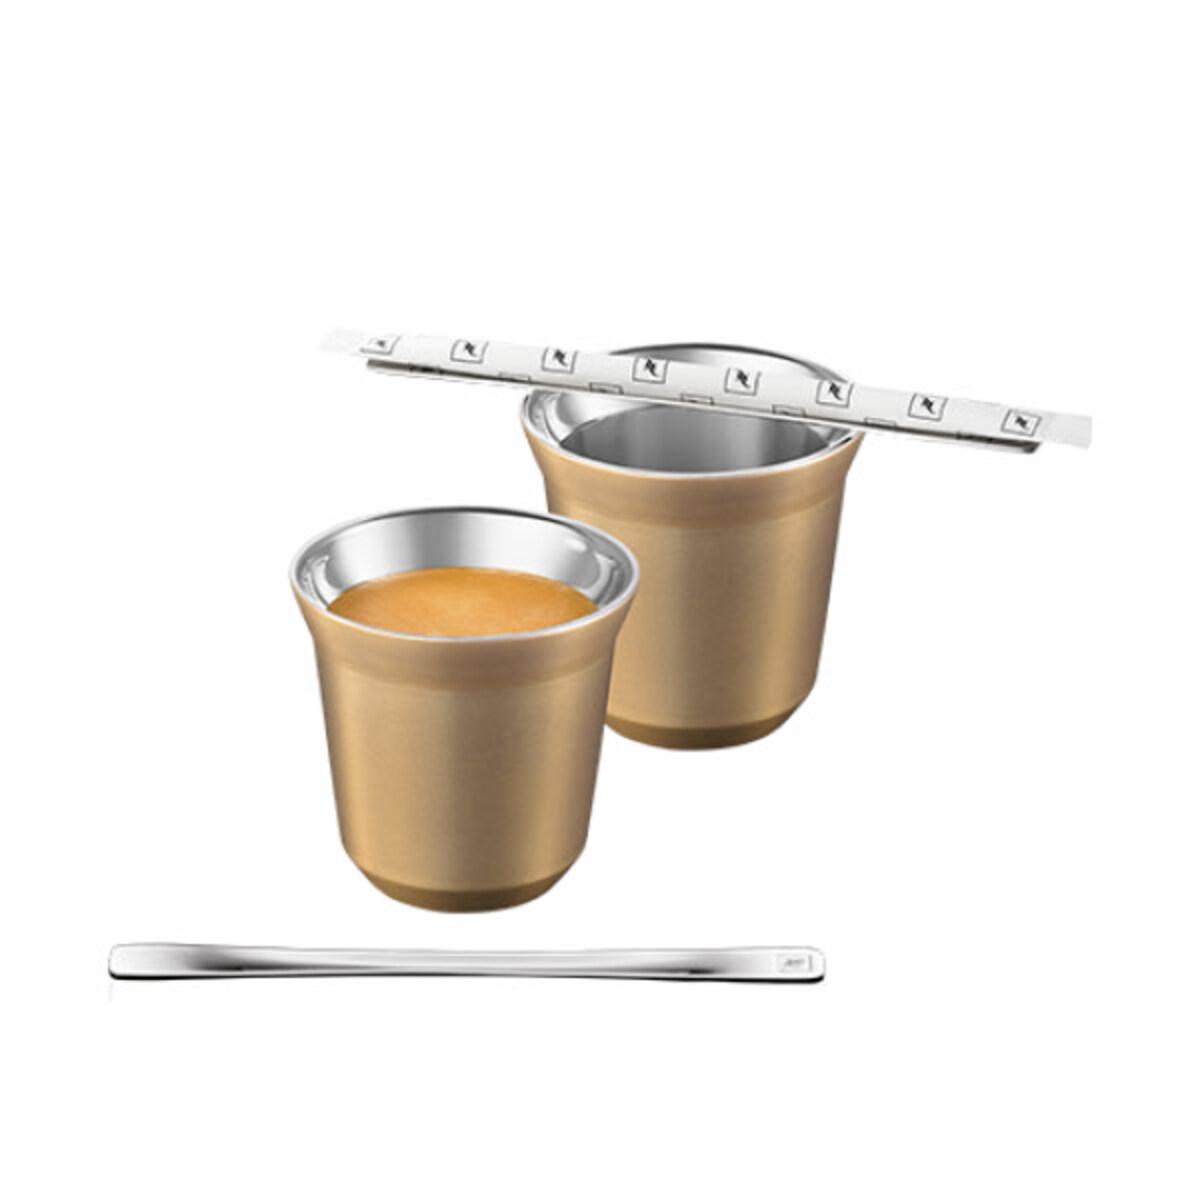 Nespresso чаши Pixie Espresso Dulsao do Brasil